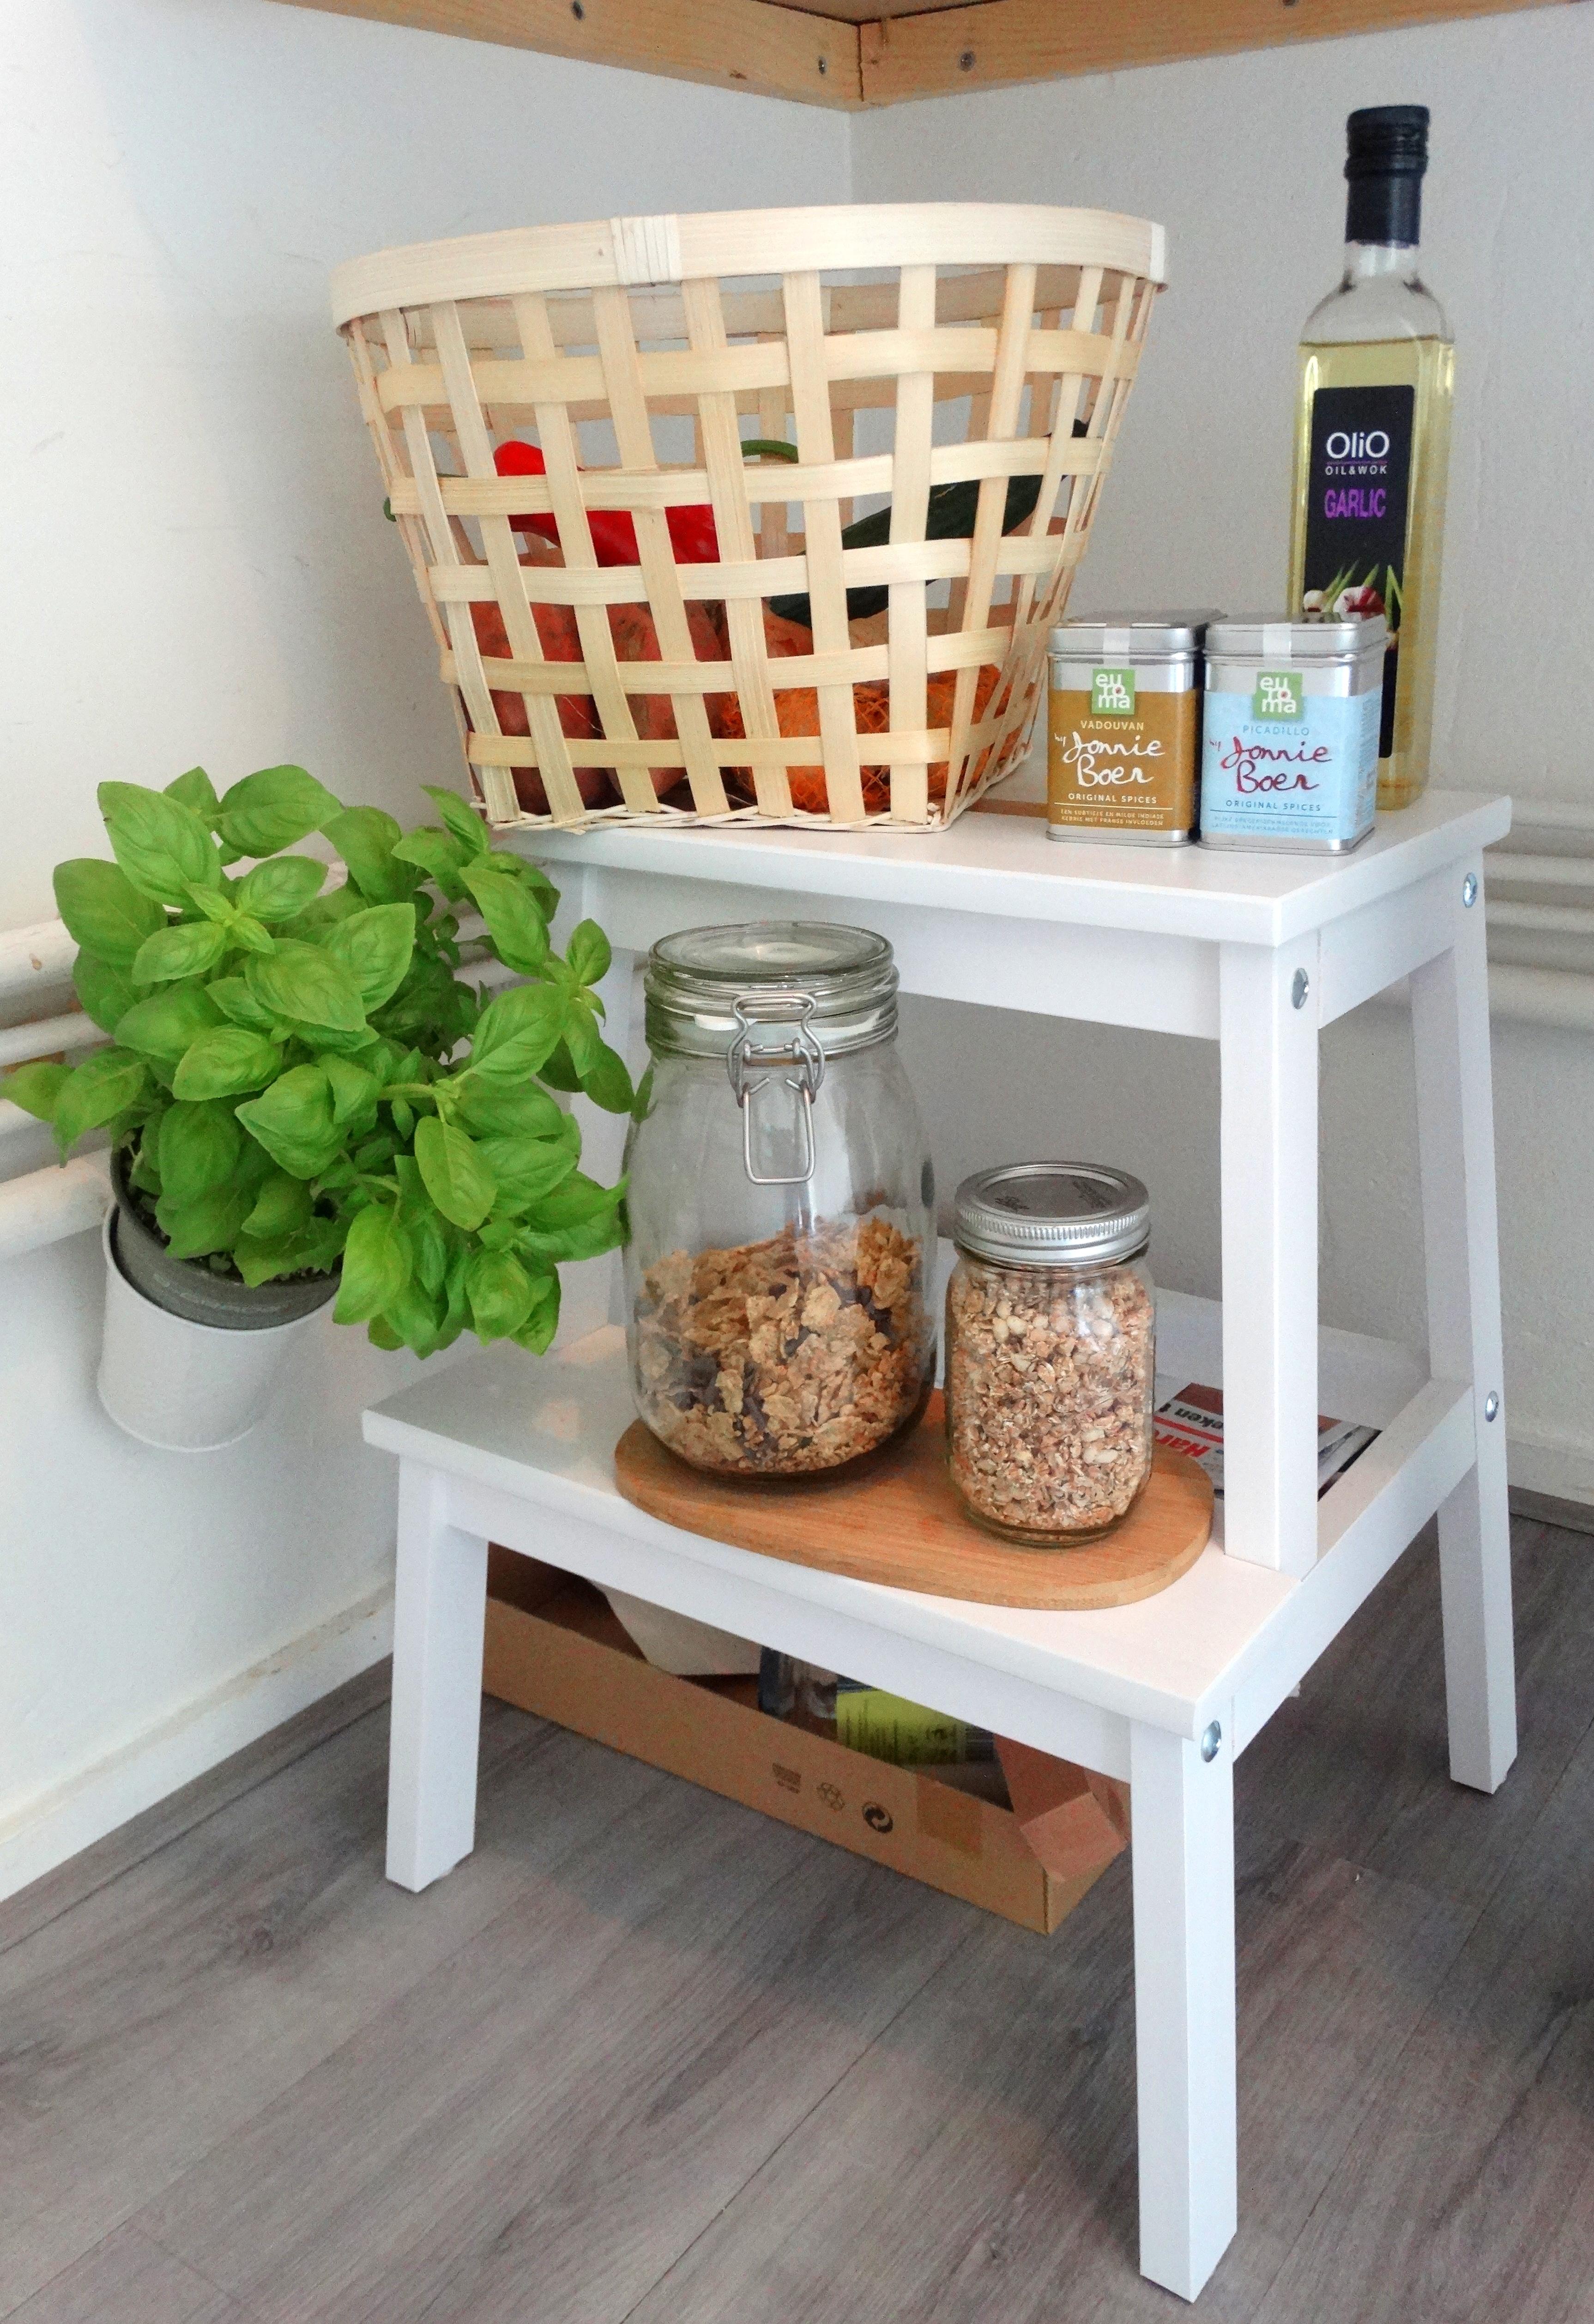 Kijkje in mijn nieuwe keuken all lovely things - Top plastic krukje ...